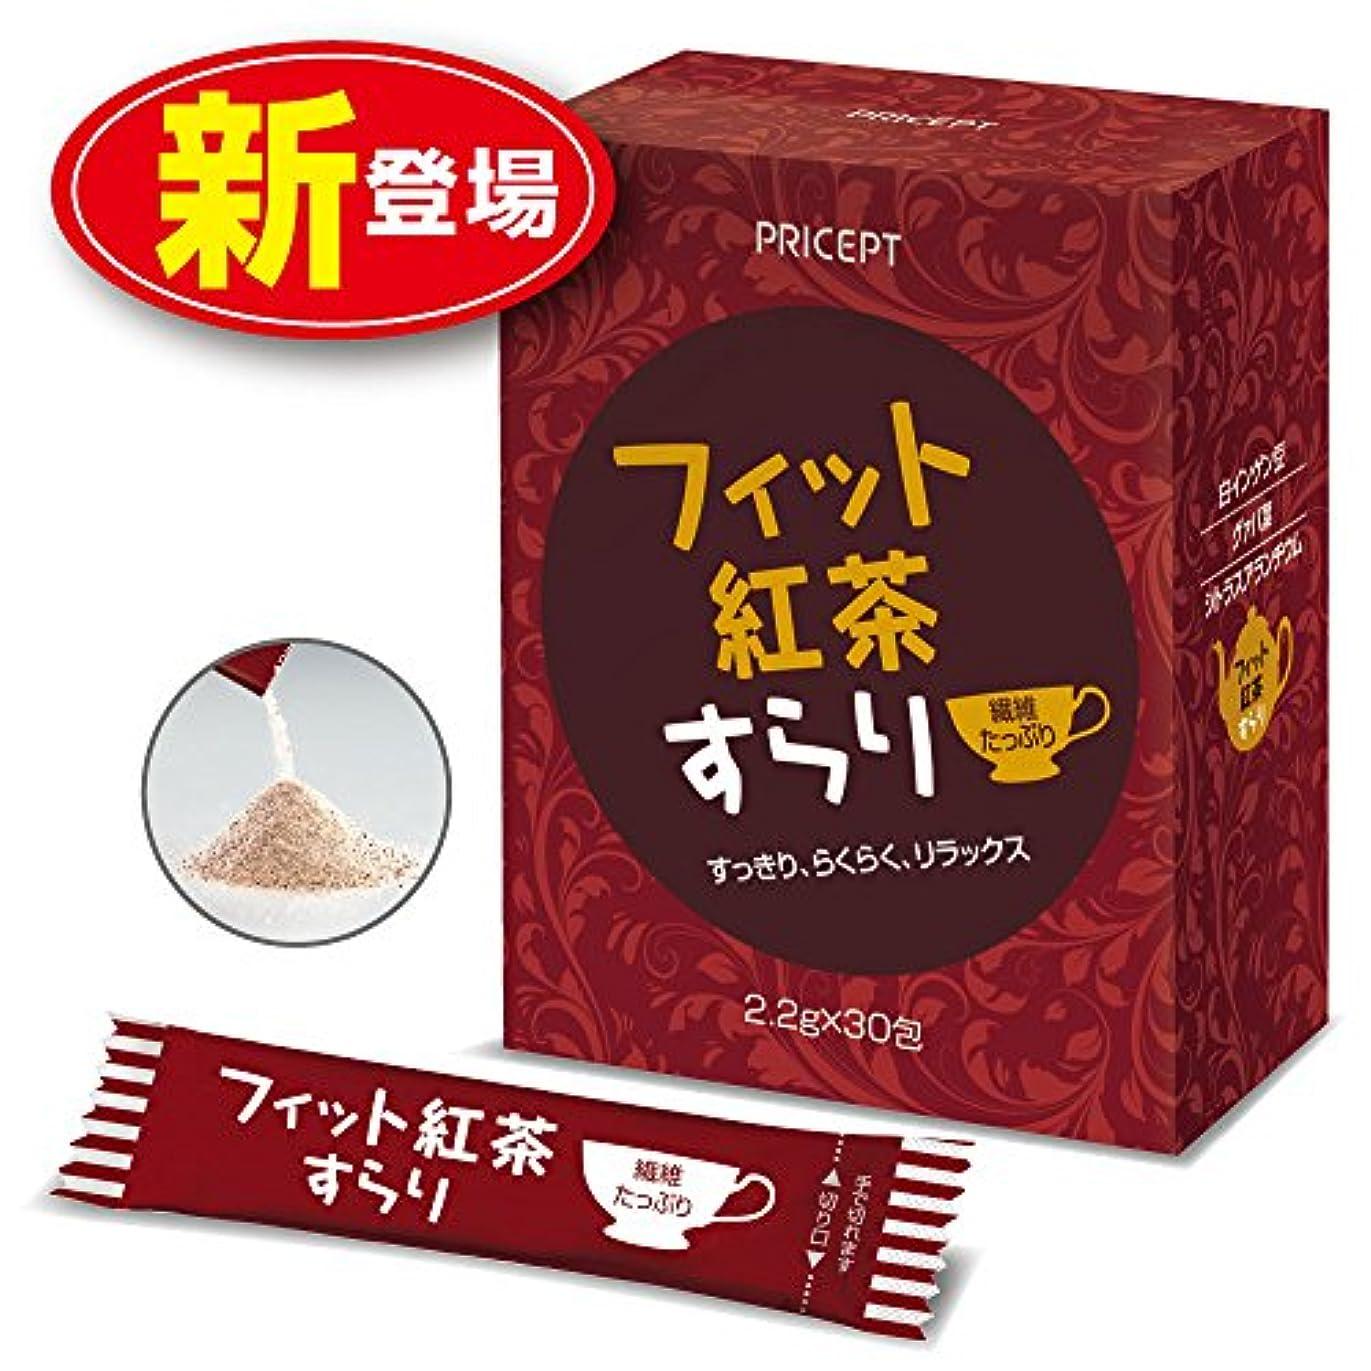 バイソンヨーグルト記念プリセプト フィット紅茶すらり(30包)【単品】(食物繊維配合ダイエットサポート紅茶)